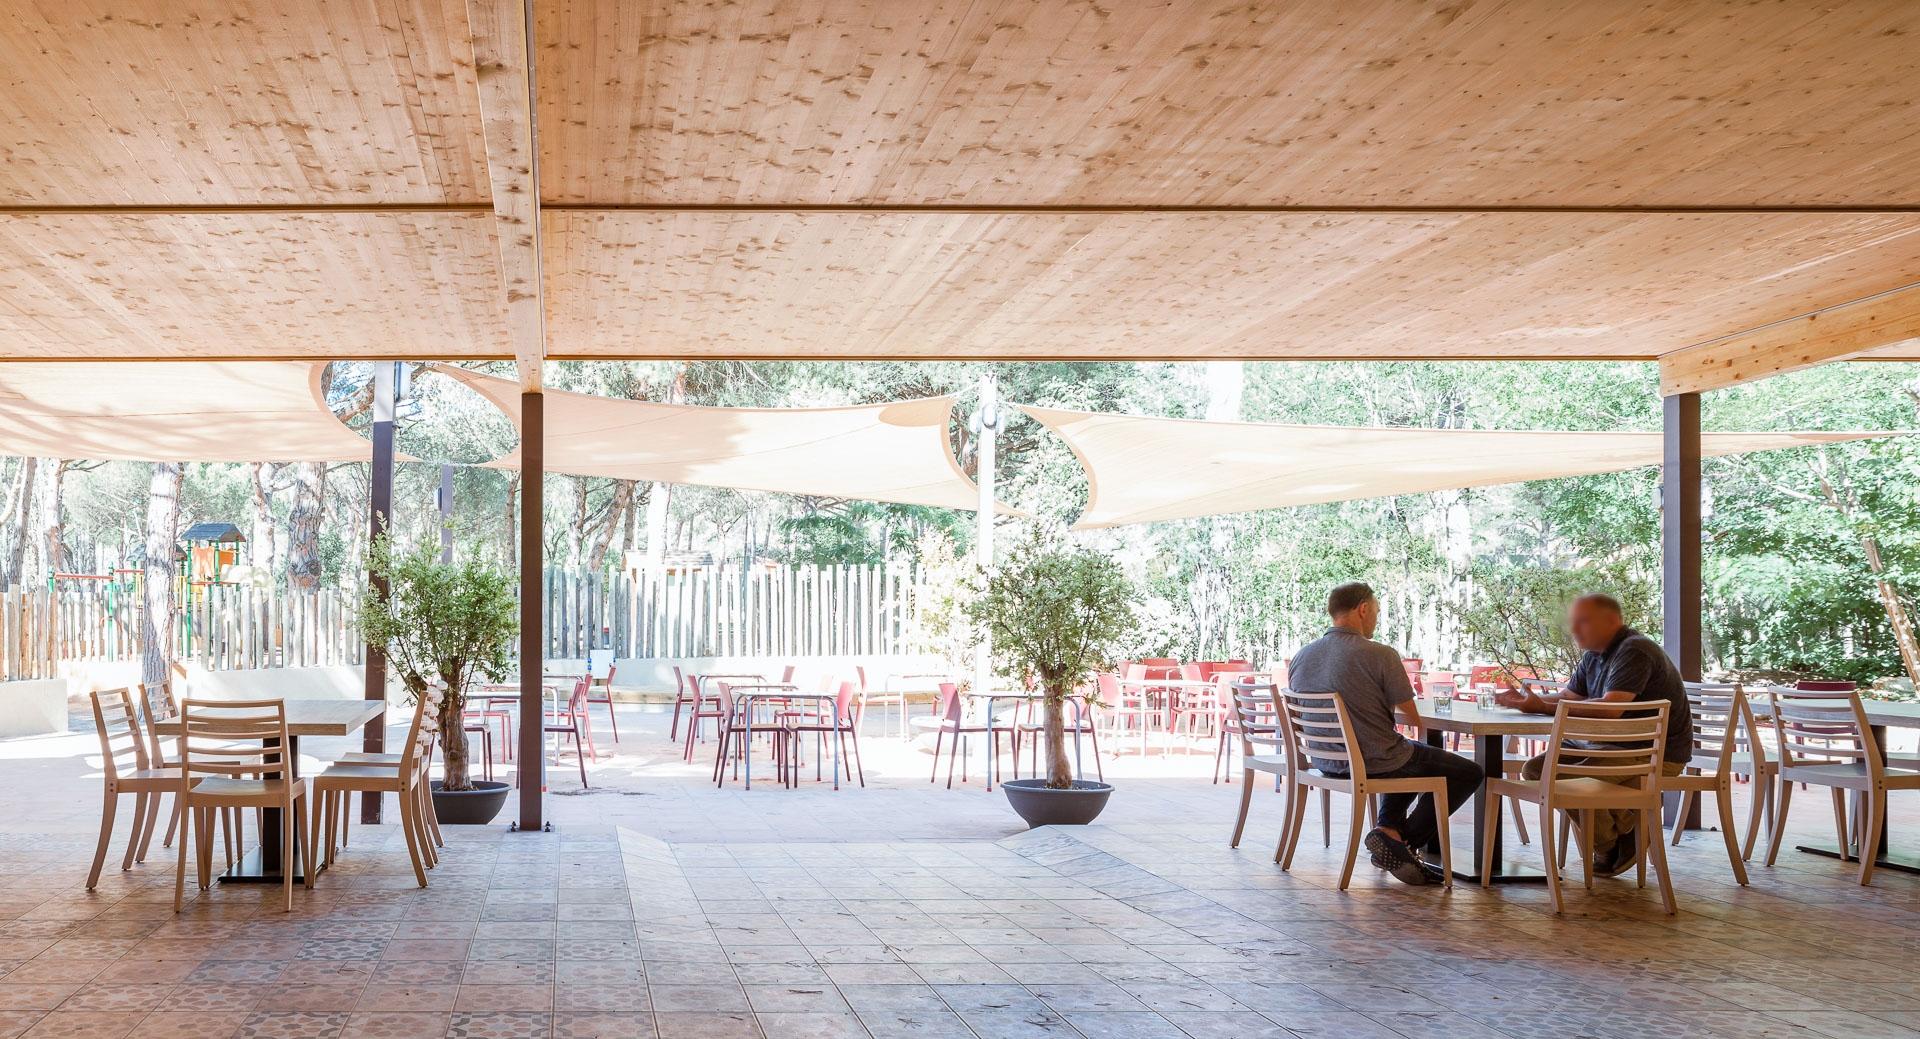 Porxos de Genial Houses®, ideals per als negocis de restauració